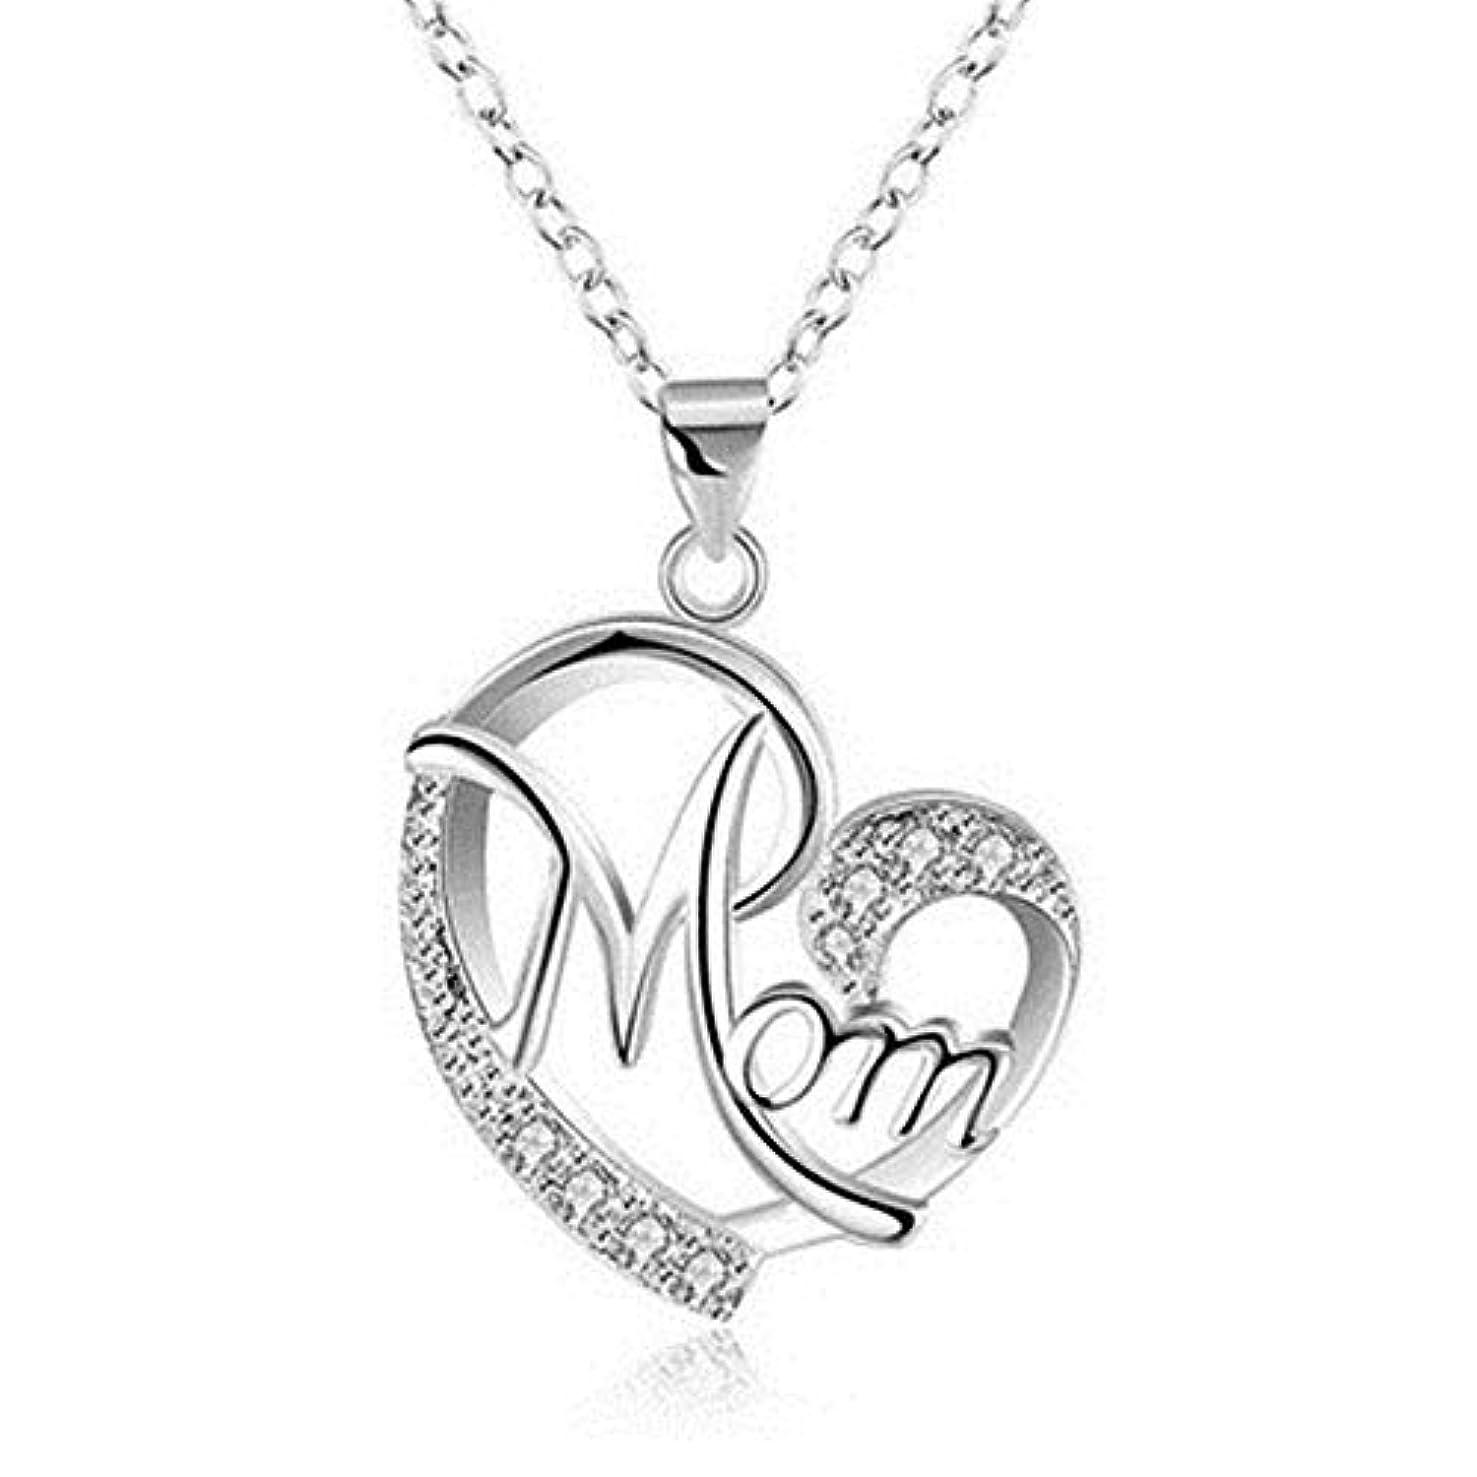 部分的騙すエトナ山私はあなたを愛してお母さんお母さんの日ネックレスギフト模擬ダイヤモンド愛ハートネックレス手紙